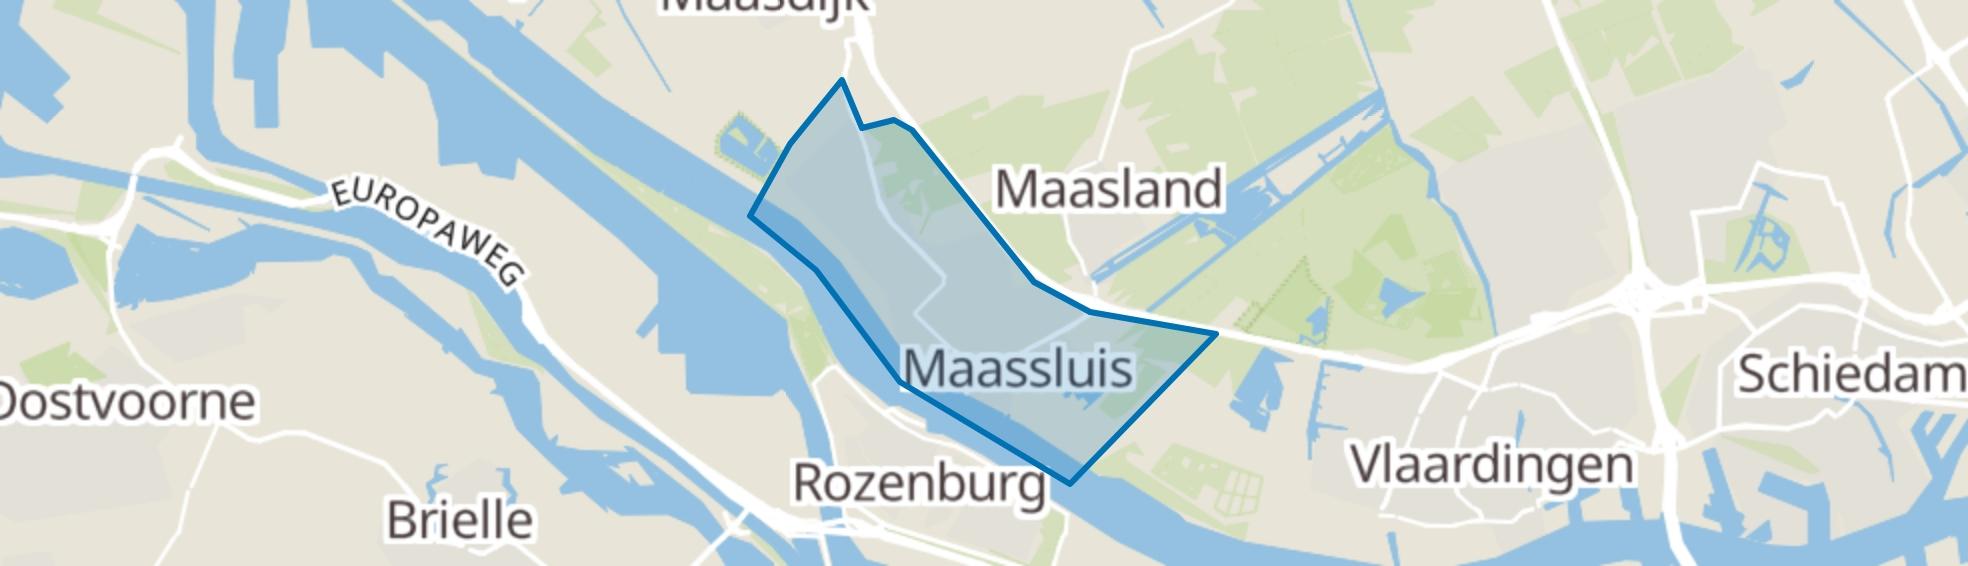 Maassluis map